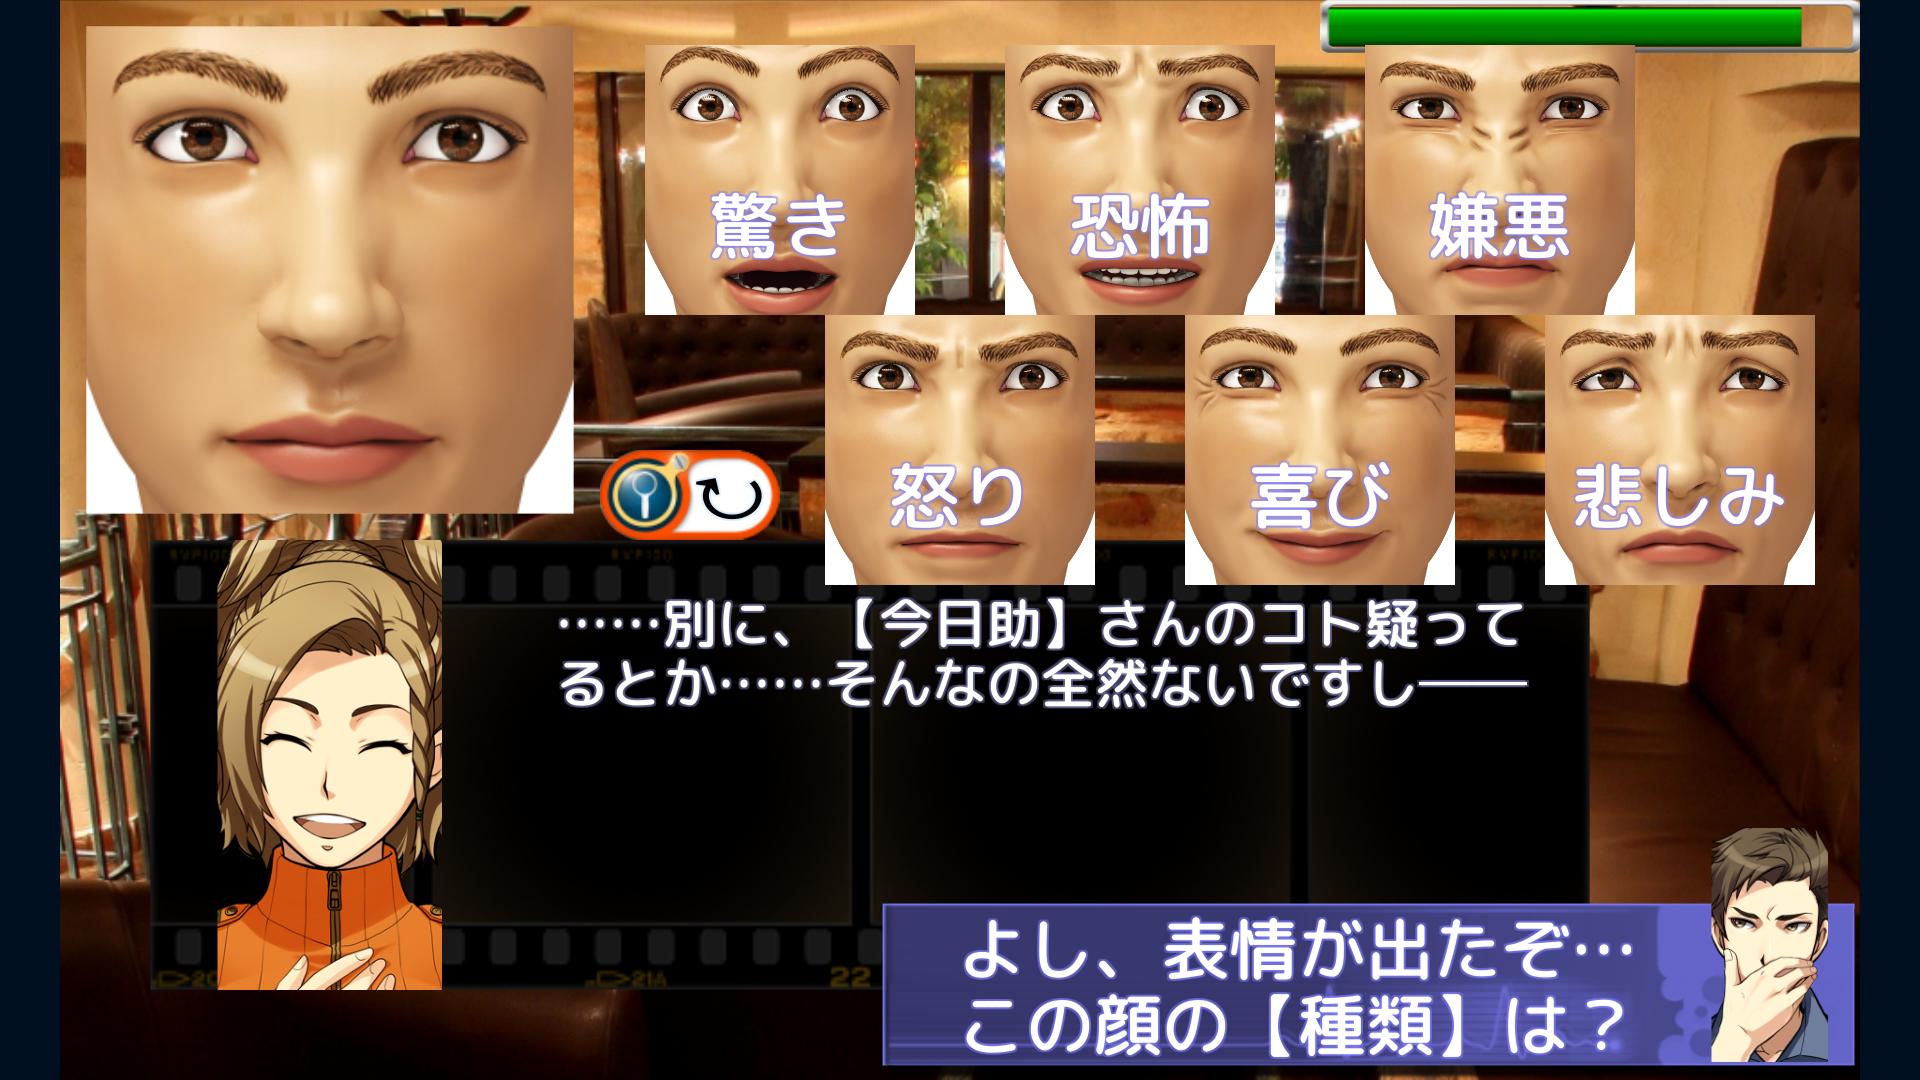 嘘発見人【万目今日助】 新装版 androidアプリスクリーンショット1